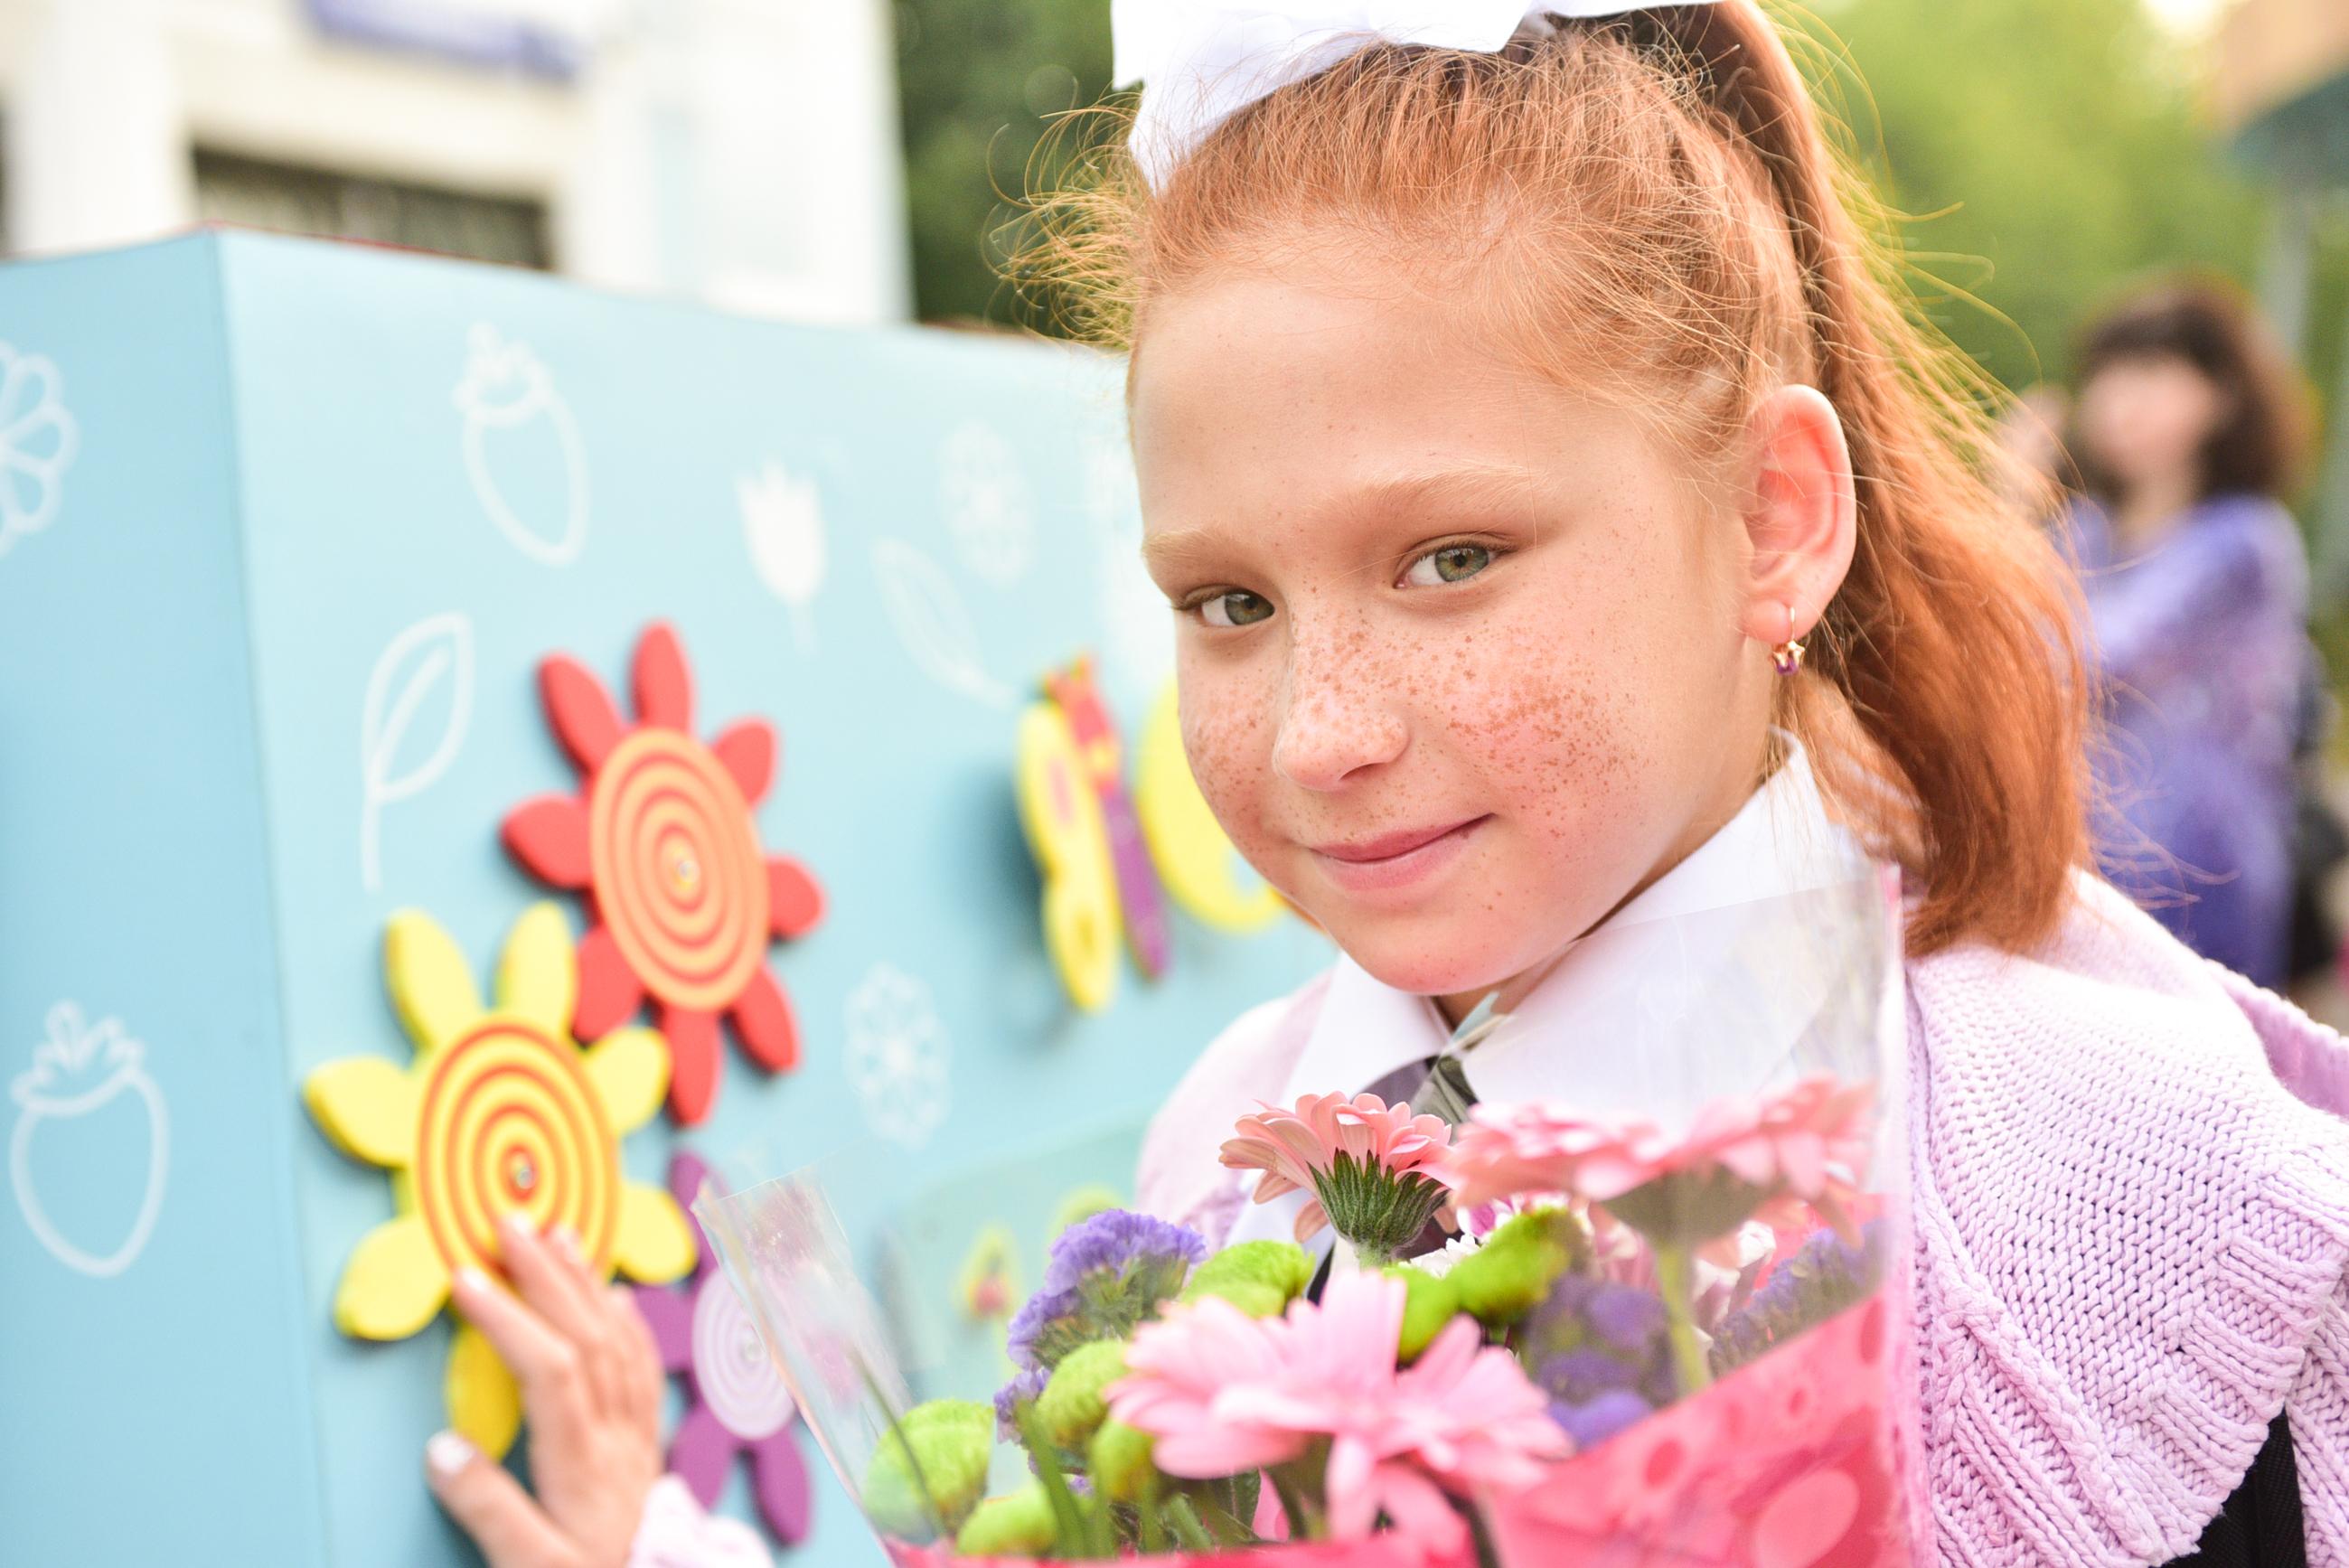 Ученица школы № 2116 Арина Кондратьева, знает, что выделяться в школе нужно умом, а не внешностью. Фото: Пелагия Замятина